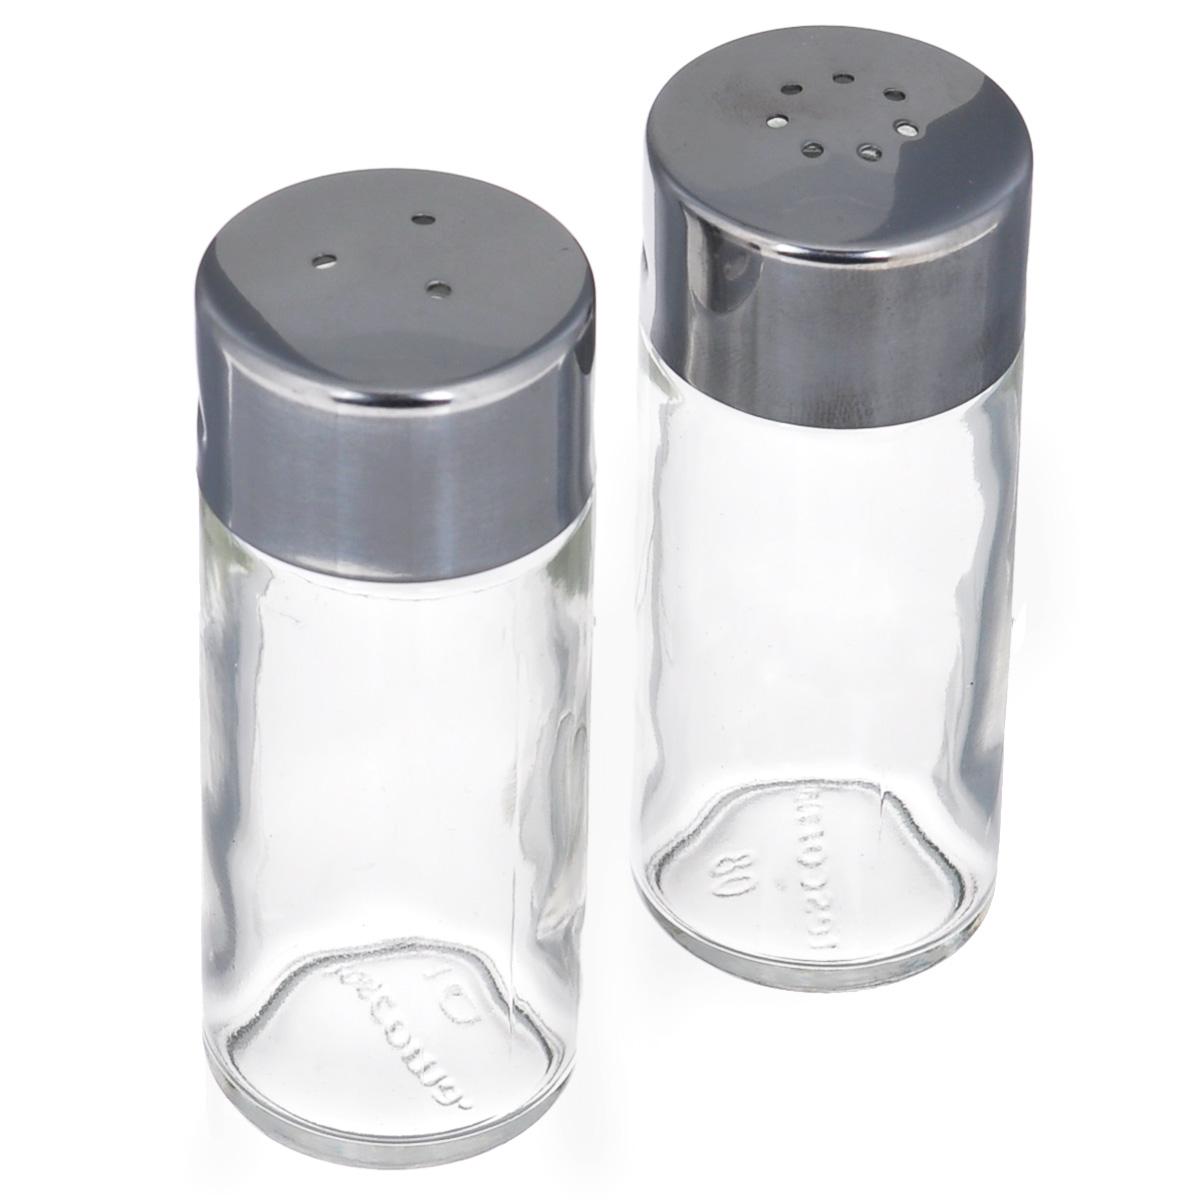 Набор для специй Tescoma Club, 2 предмета650314Набор Tescoma Club, состоящий из солонки и перечницы, изготовлен из первоклассной нержавеющей стали и стекла. Солонка и перечница легки в использовании: стоит только перевернуть емкости, и вы с легкостью сможете поперчить или добавить соль по вкусу в любое блюдо. Дизайн, эстетичность и функциональность набора позволят ему стать достойным дополнением к кухонному инвентарю.